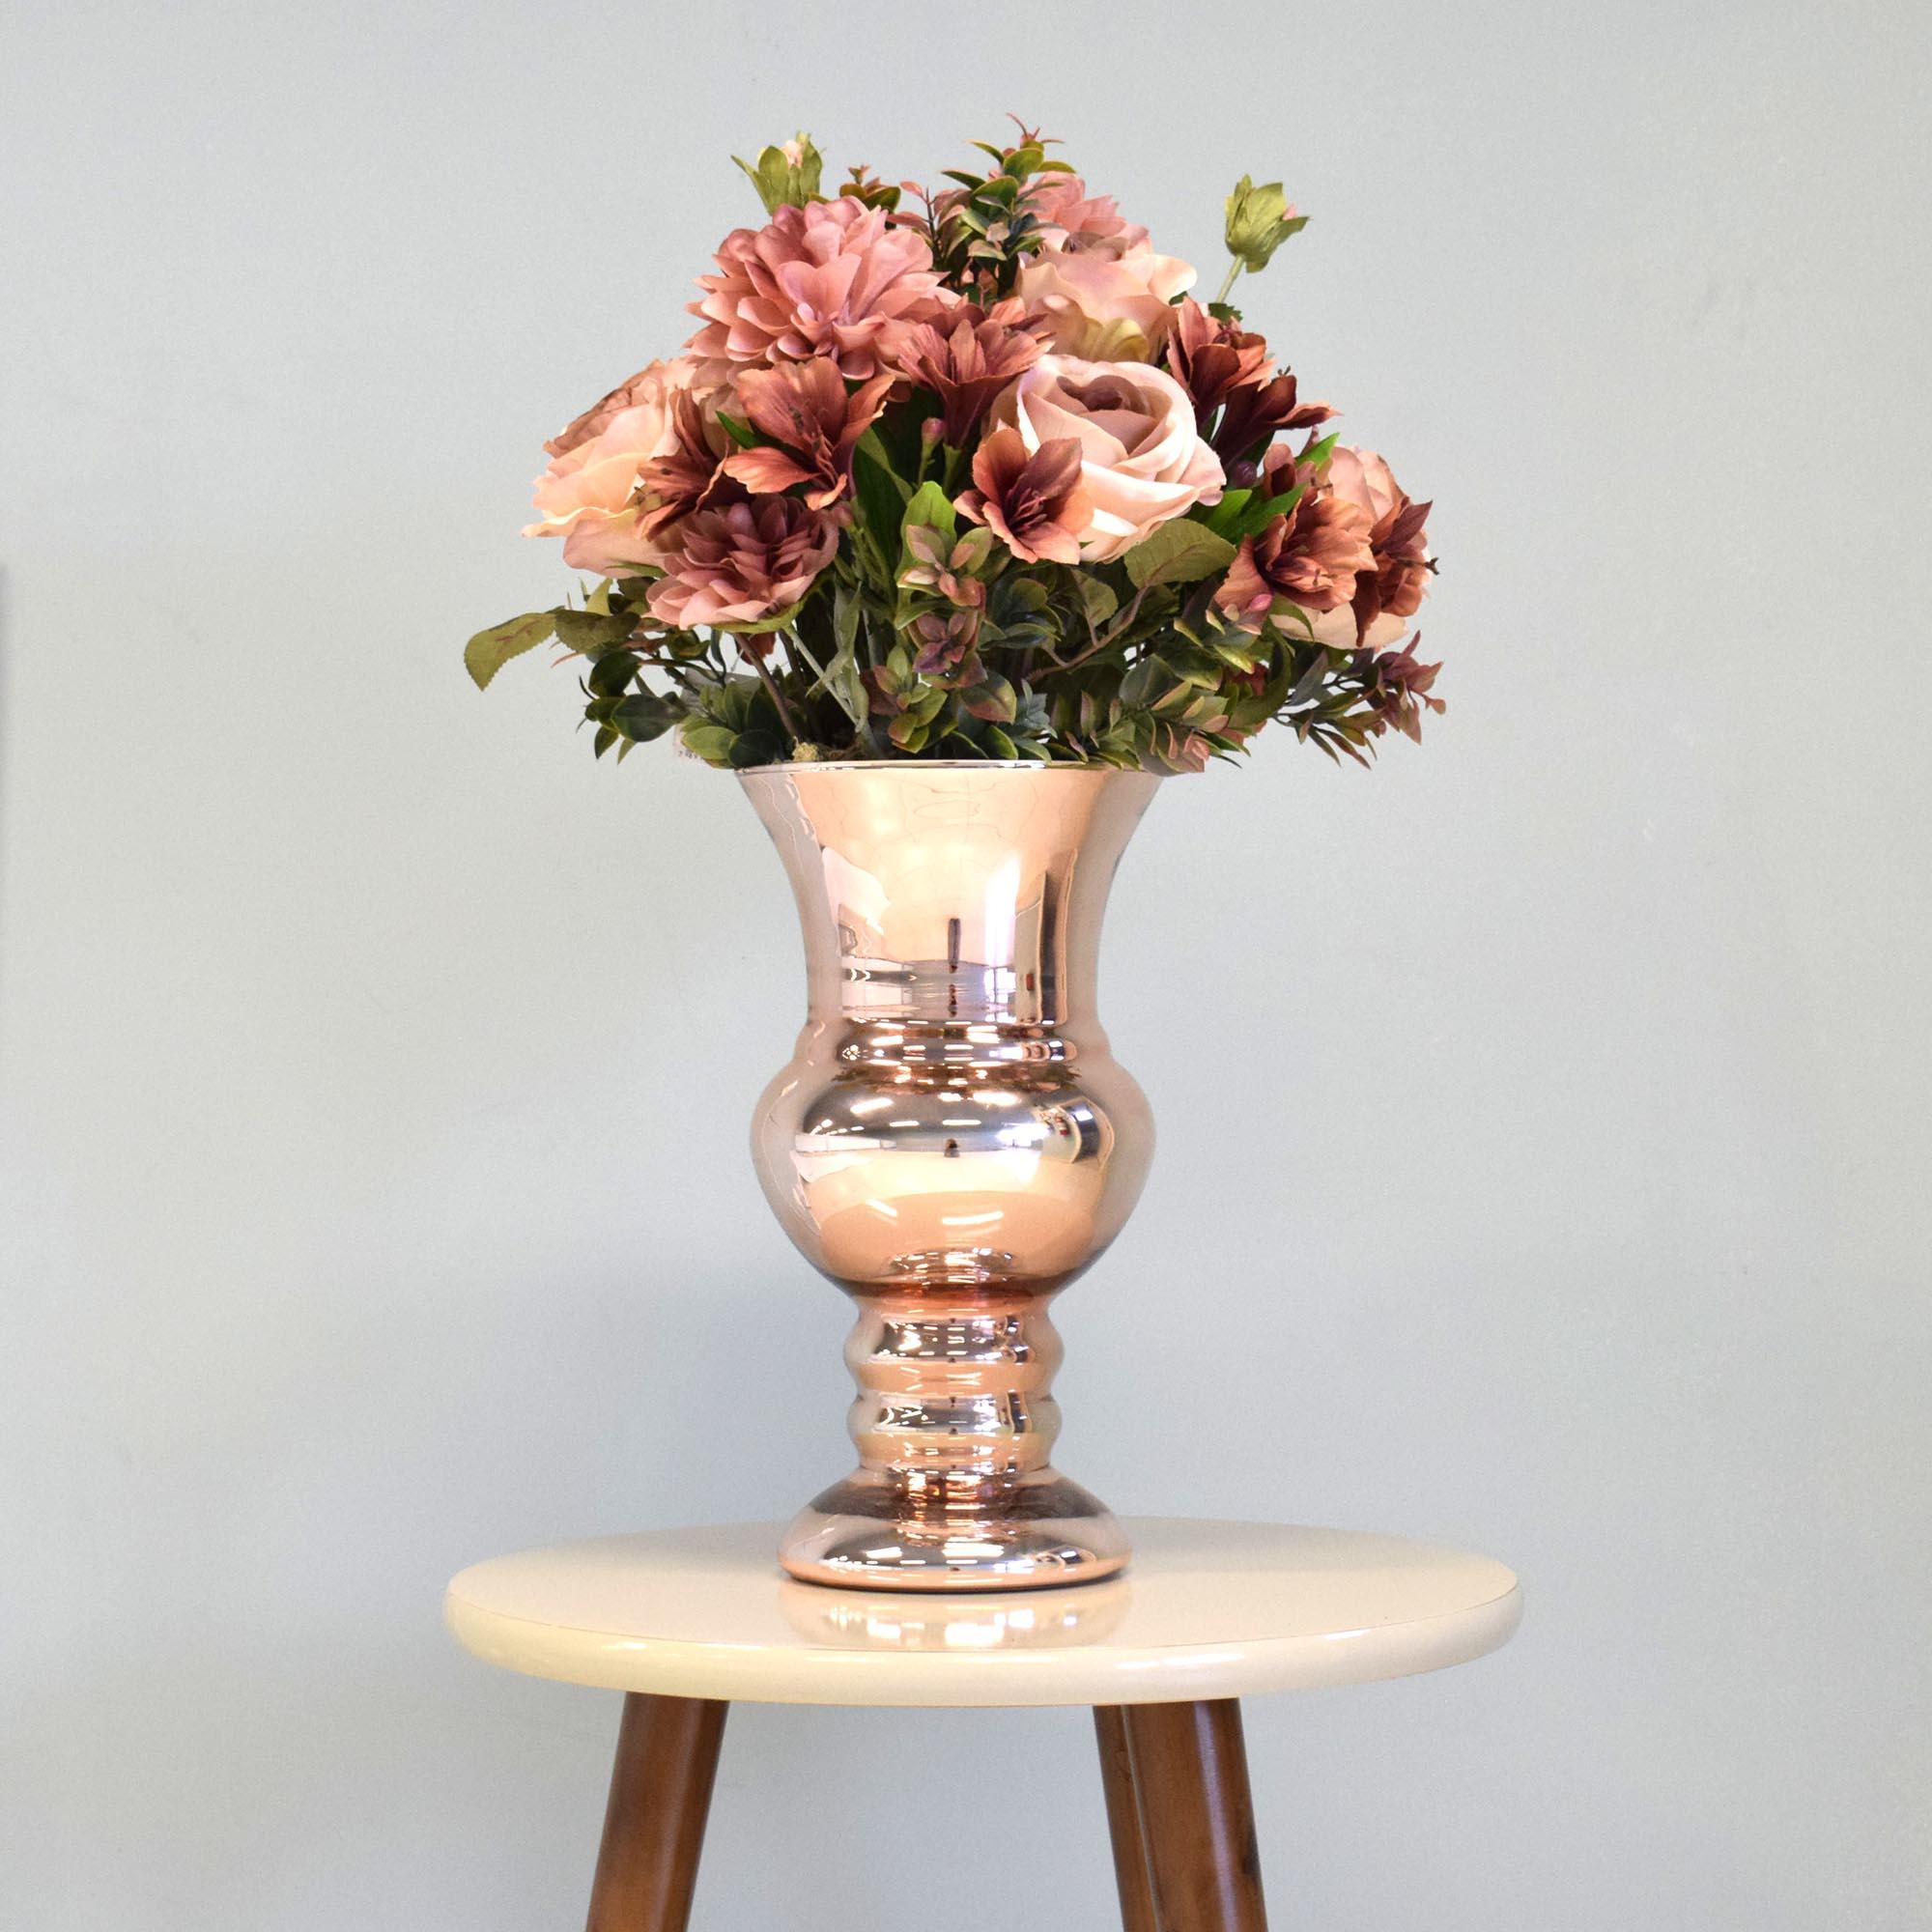 Arranjo de Rosas e Astromélias no Vaso Rose Gold